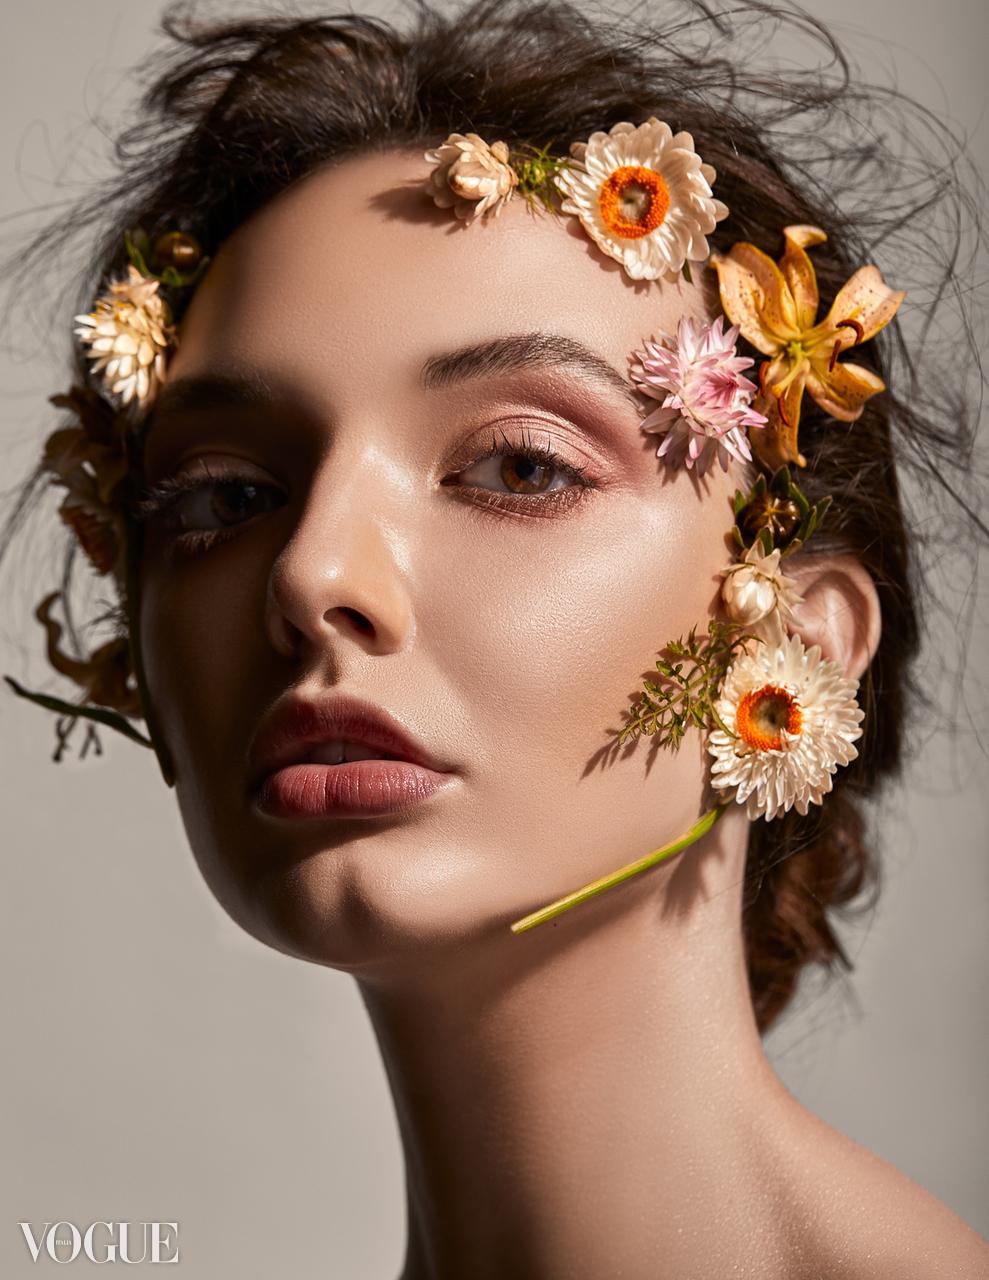 Alex Vogue 01.jpg